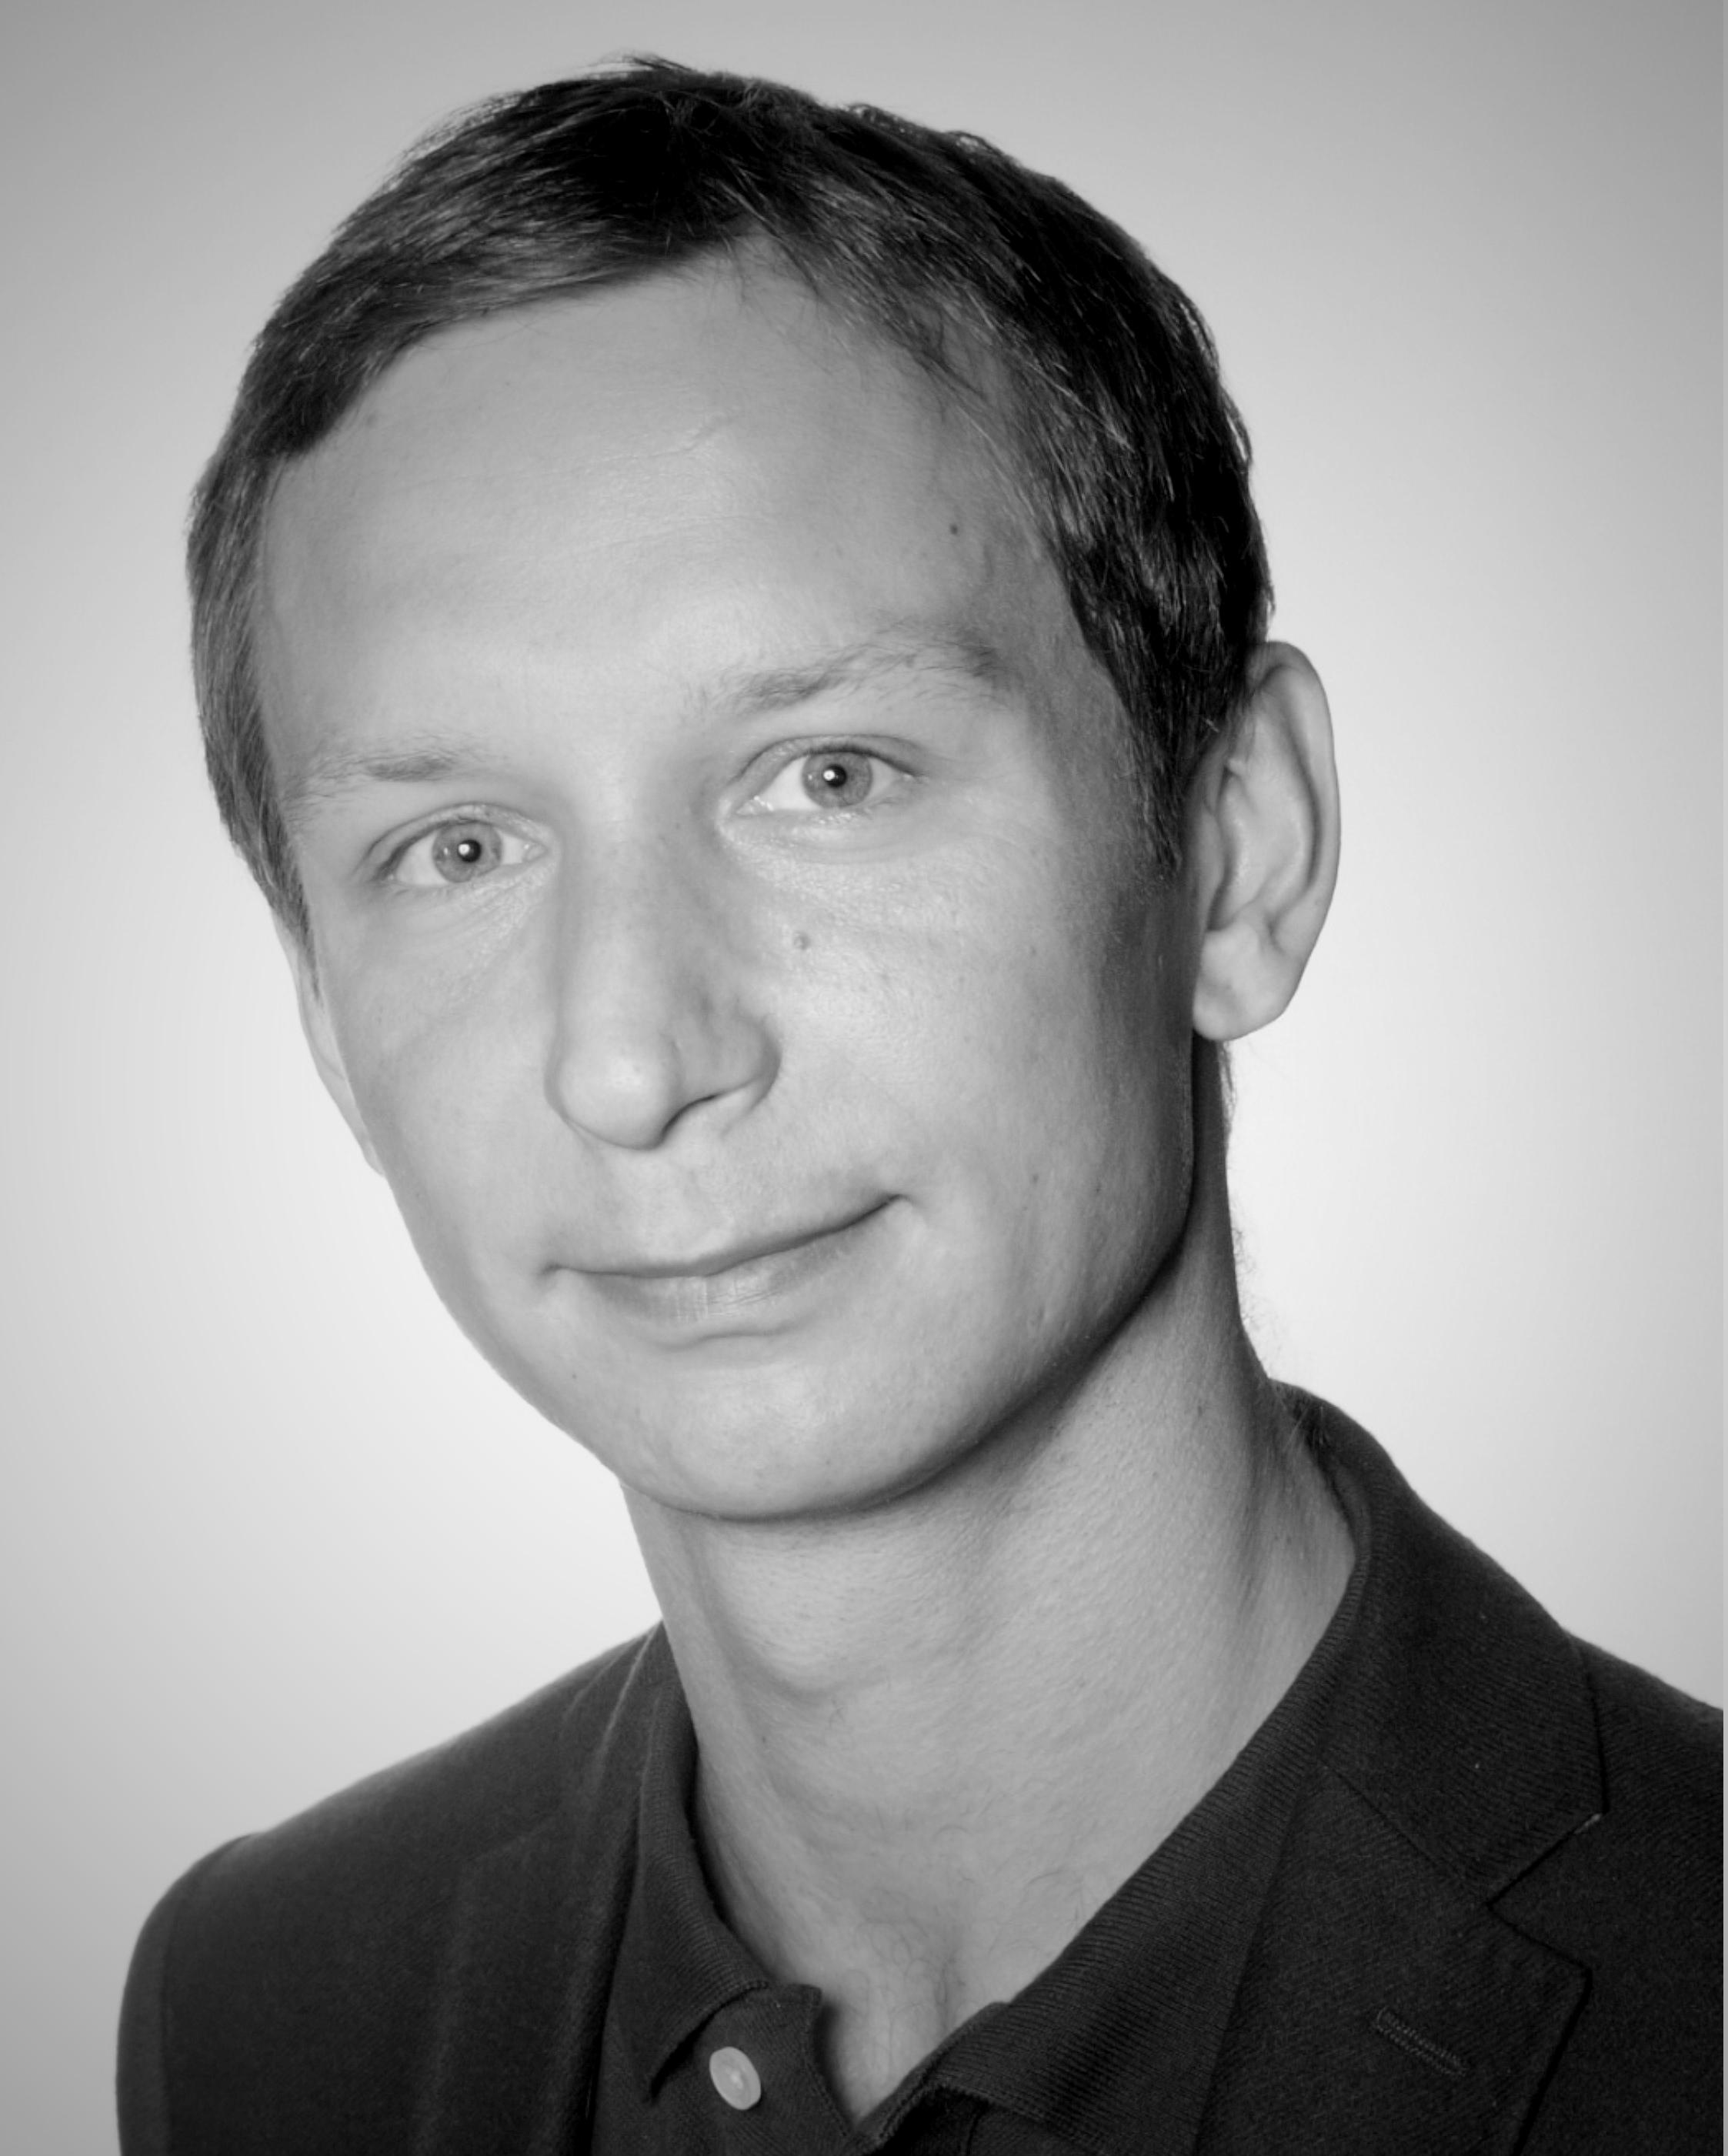 Filip Kołodziejczyk